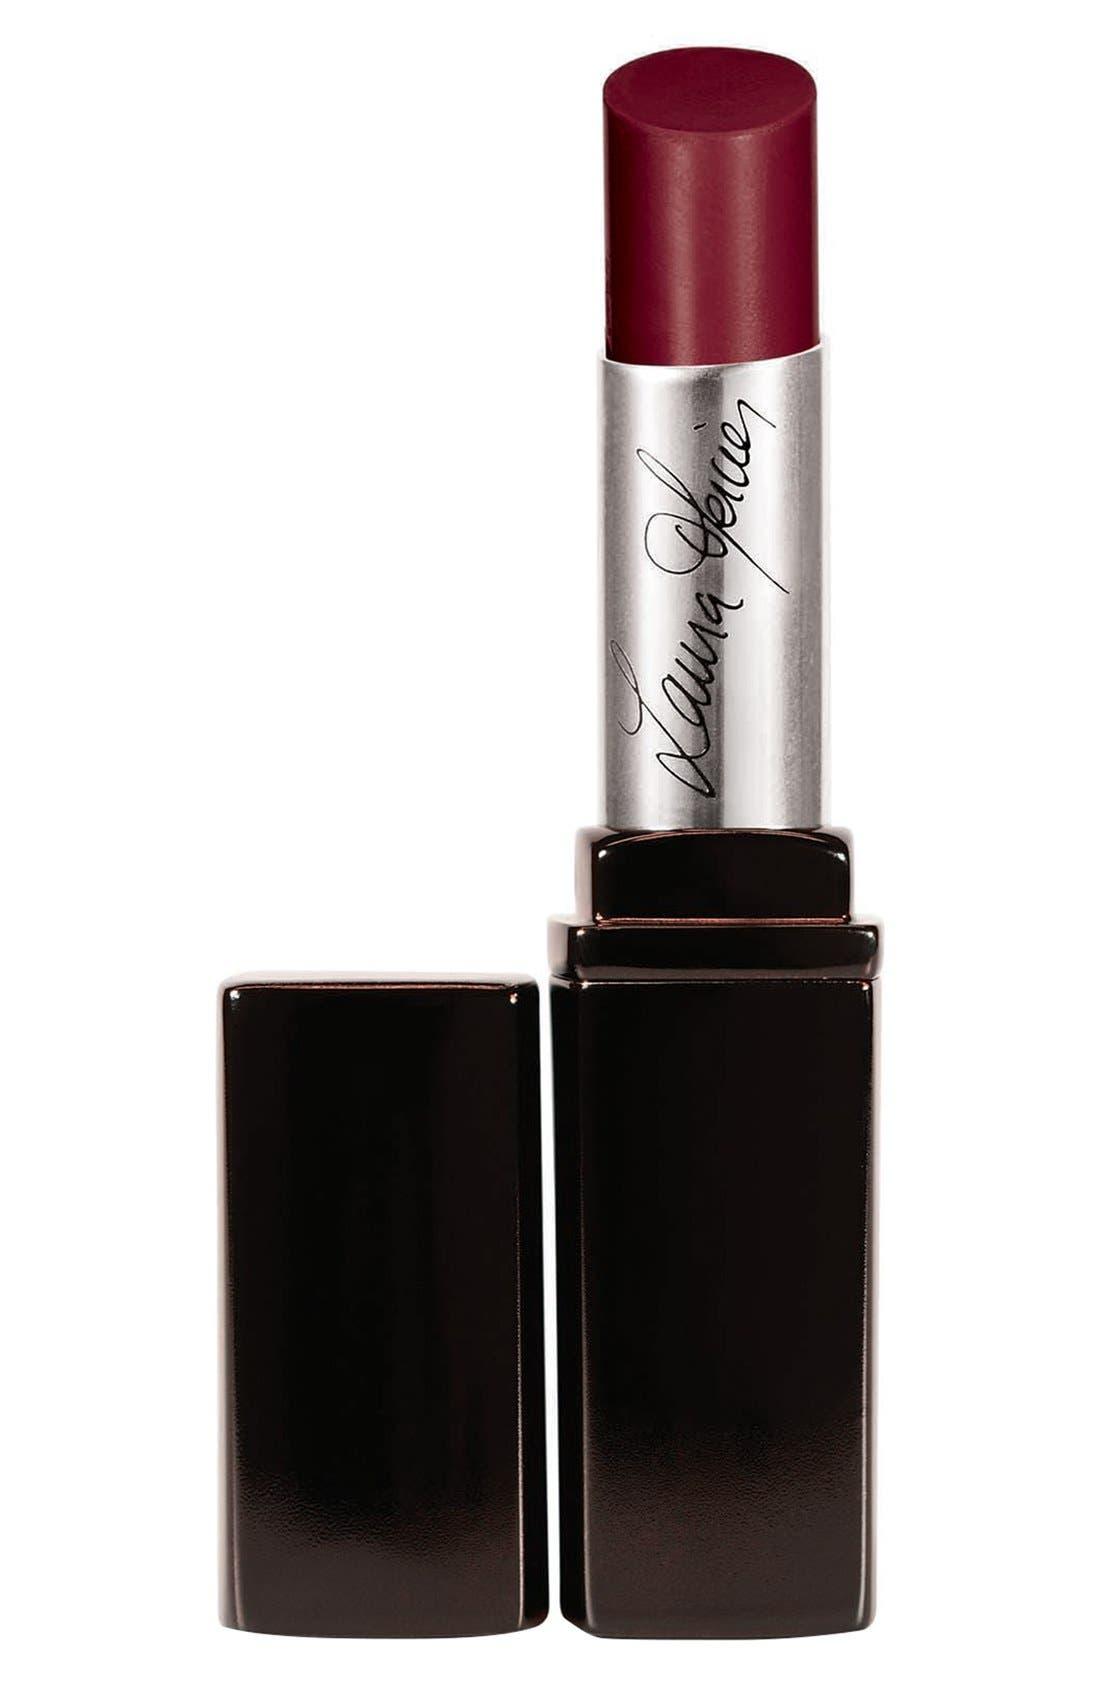 Laura Mercier 'Lip Parfait' Creamy Colour Balm